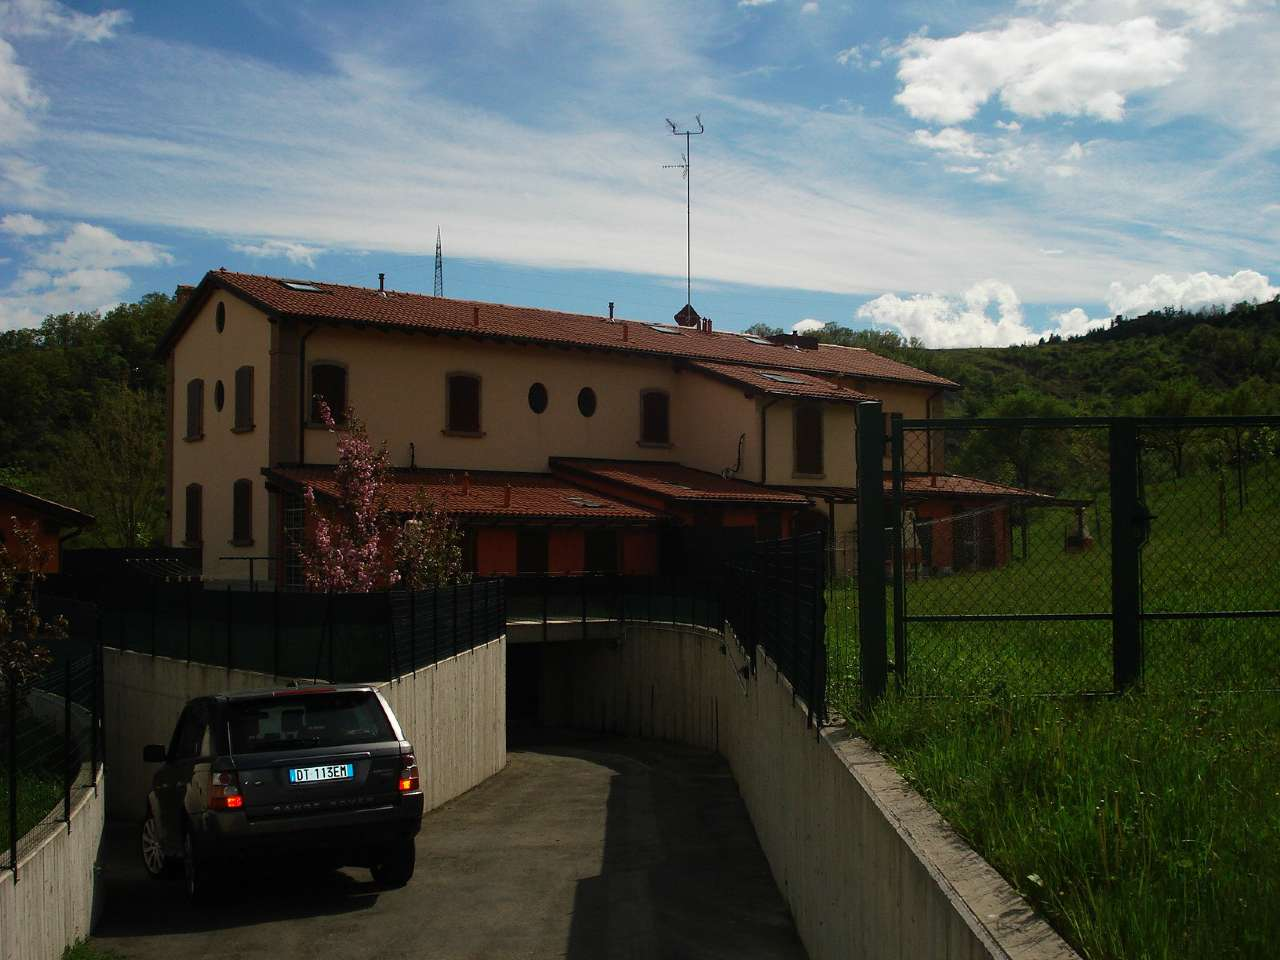 Rustico / Casale in affitto a Bologna, 9 locali, zona Zona: 10 . Colli, San Mamolo, San Luca, Castiglione, Ravone, prezzo € 1.600 | CambioCasa.it